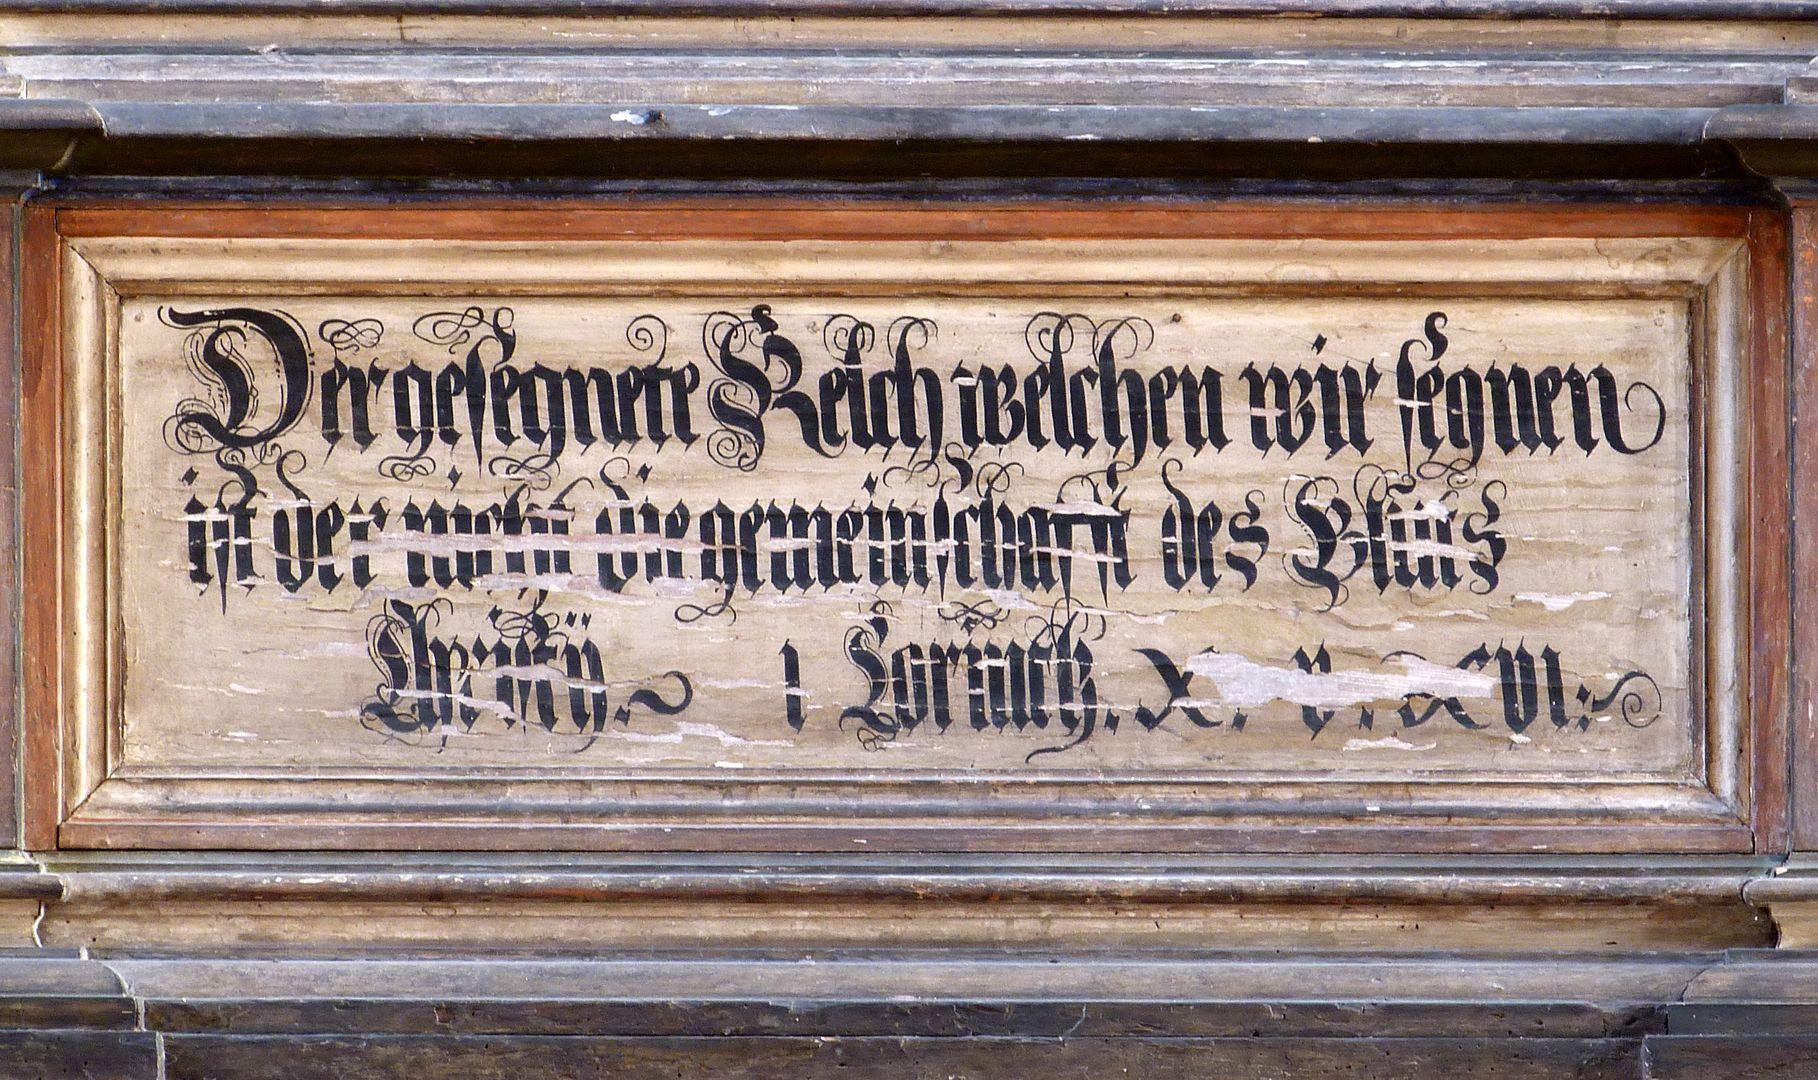 Flötner-Altar (Ansbach) Inschrift aus Korinther 10,16 erster Satz: Ist der Kelch des Segens, über den wir den Segen sprechen, nicht Teilhabe am Blut Christi? (Ist das Brot, das wir brechen, nicht Teilhabe am Leib Christi?)